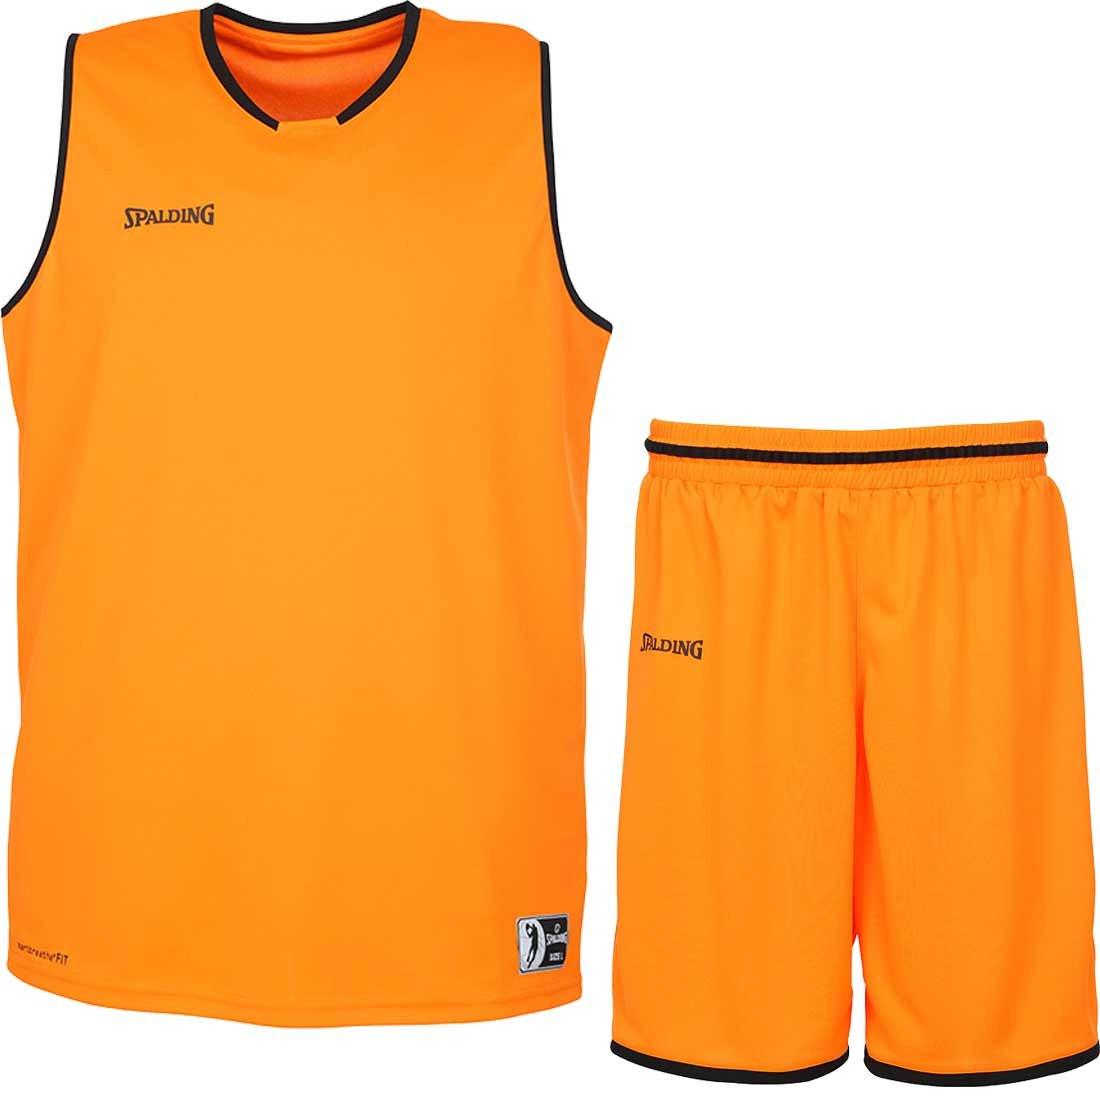 Spalding baloncesto Combo Set Camiseta Move Camiseta + pantalones ...